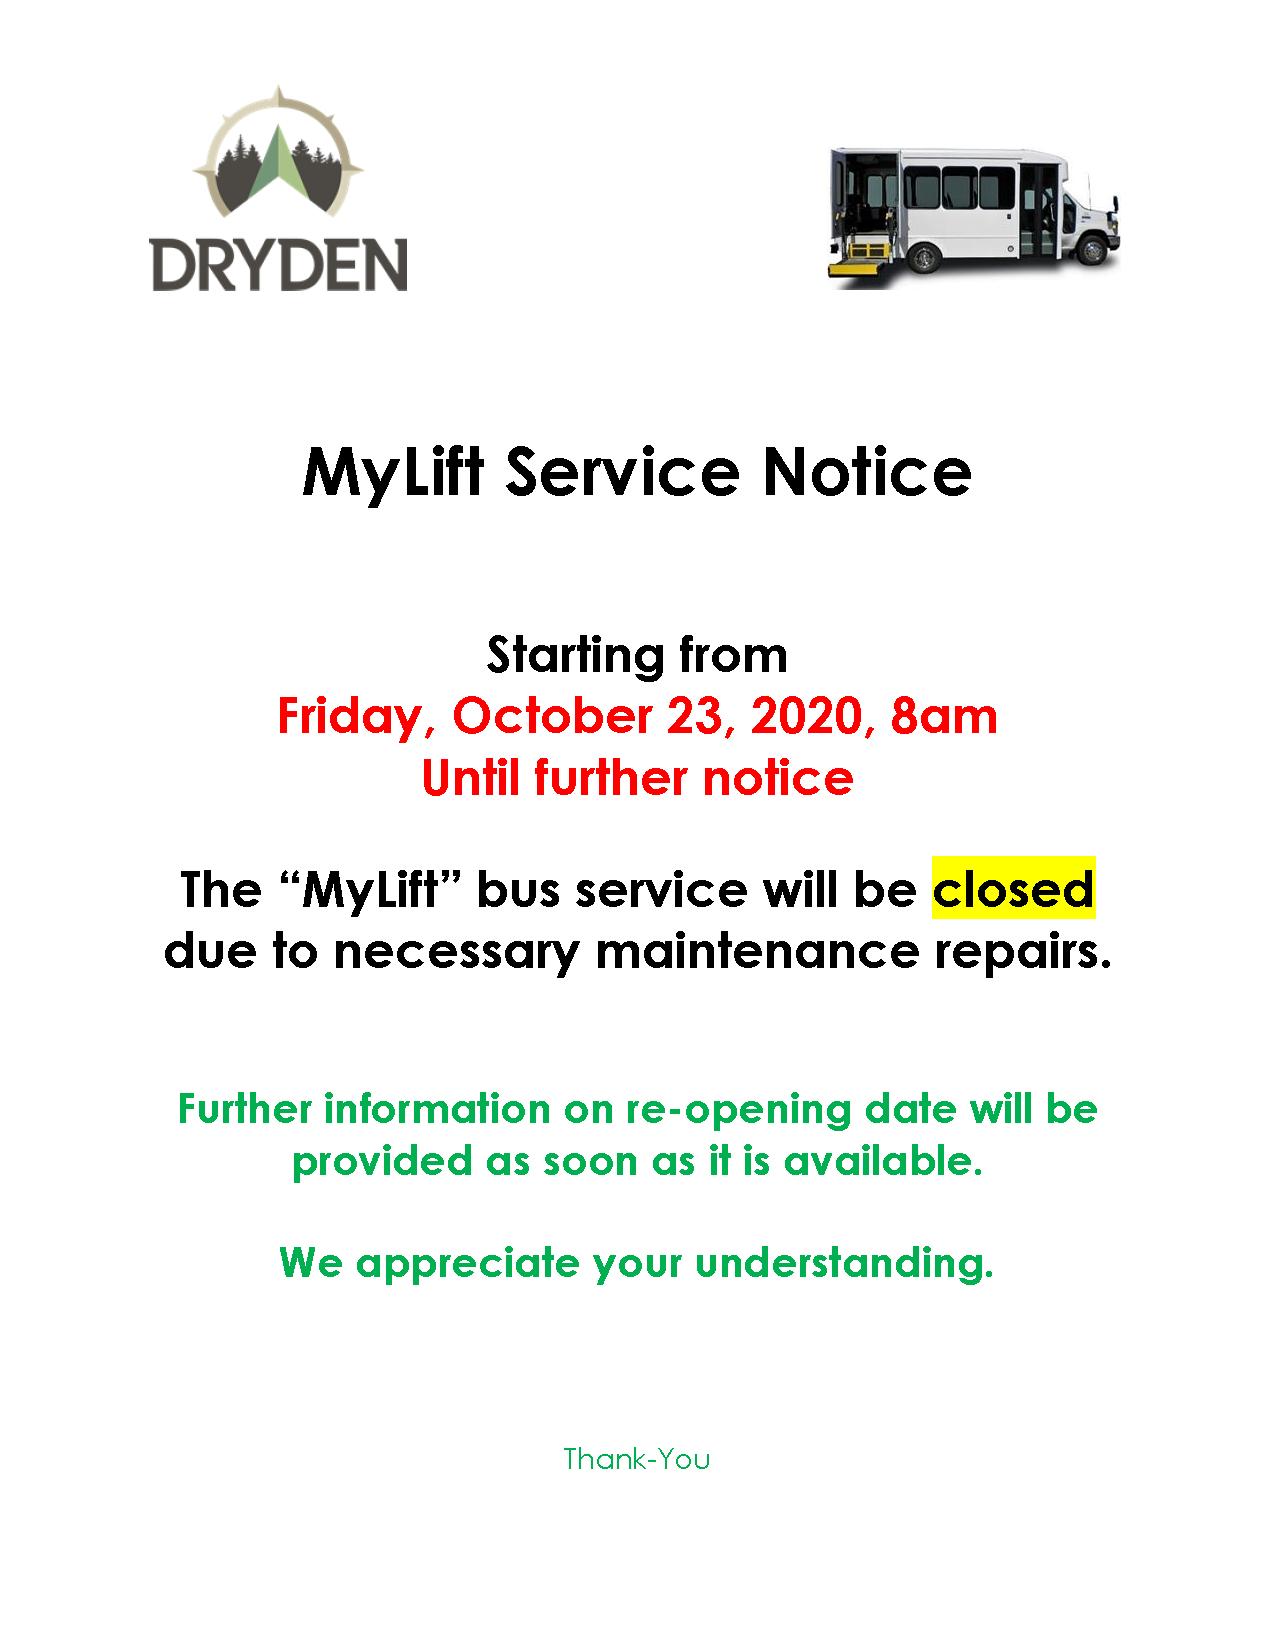 MyLift Service Interruption